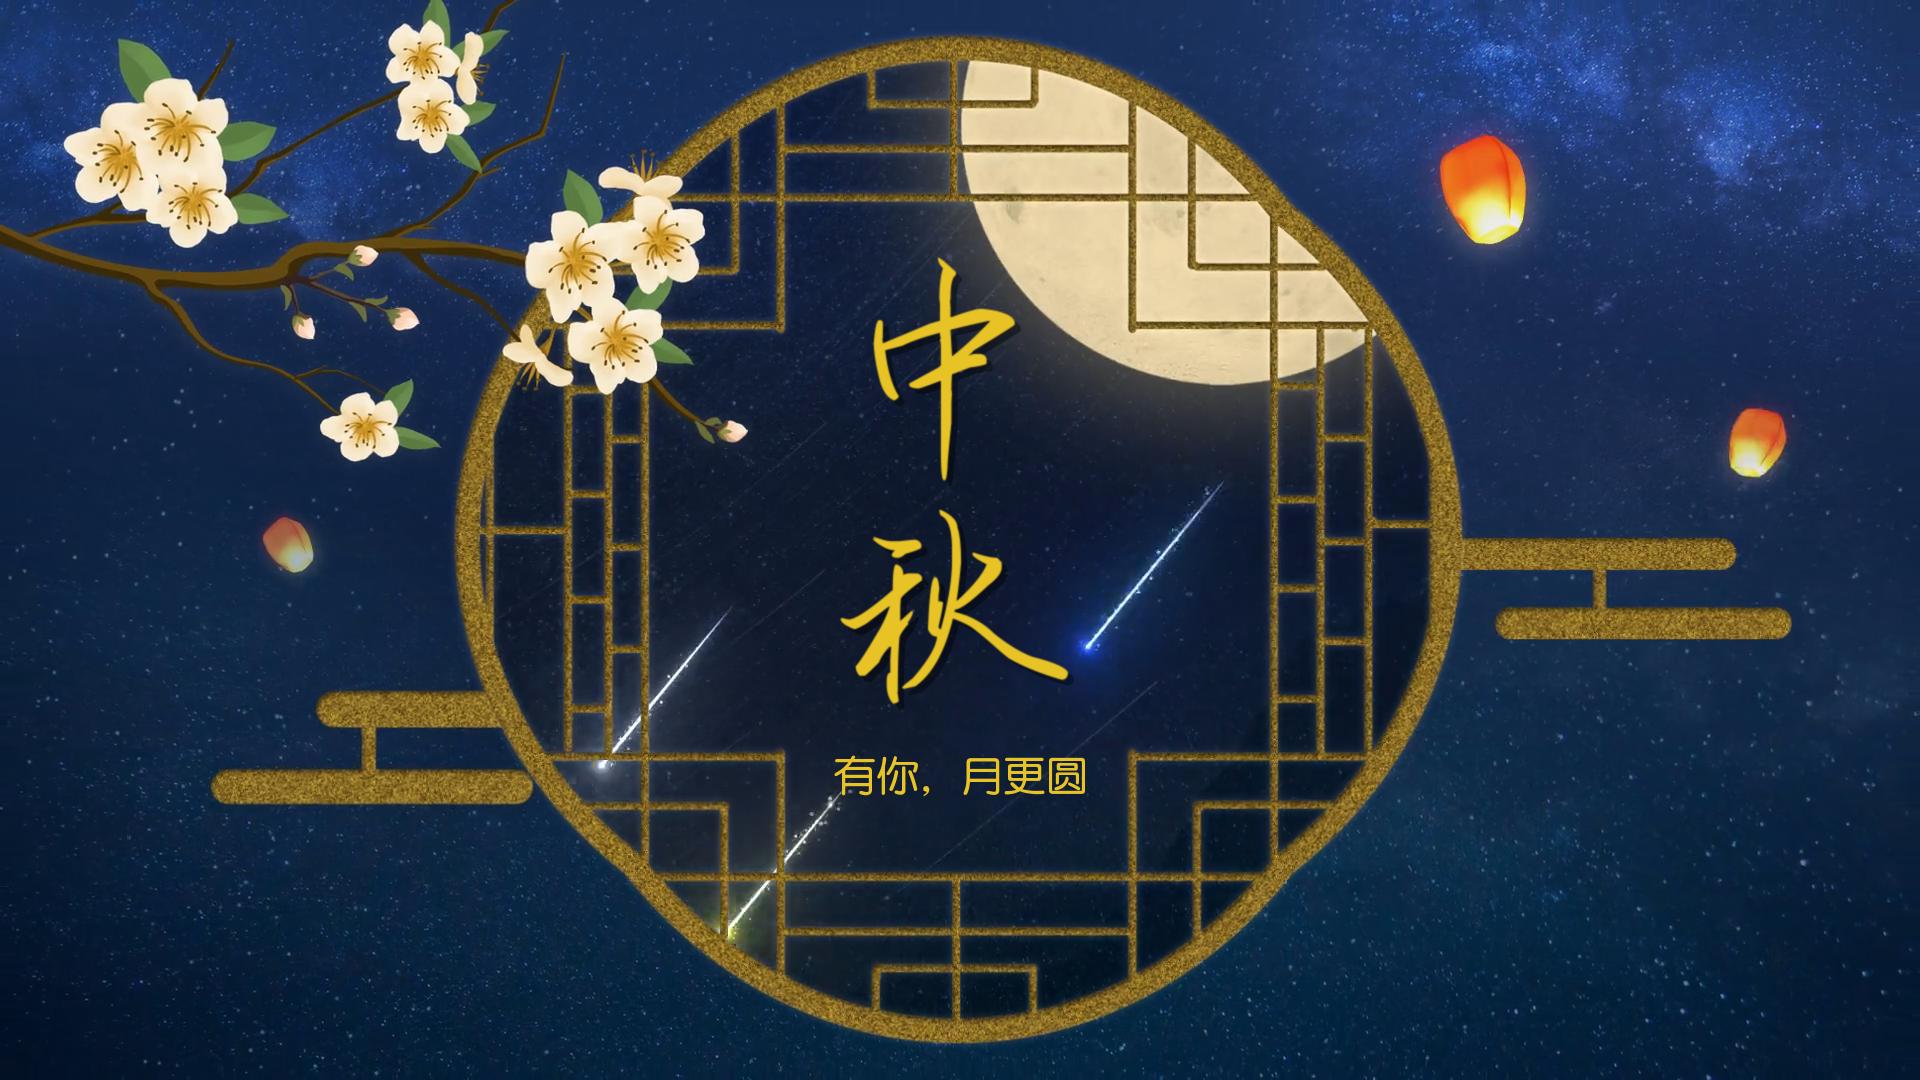 中秋送祝福,一起制作中秋节祝福视频!